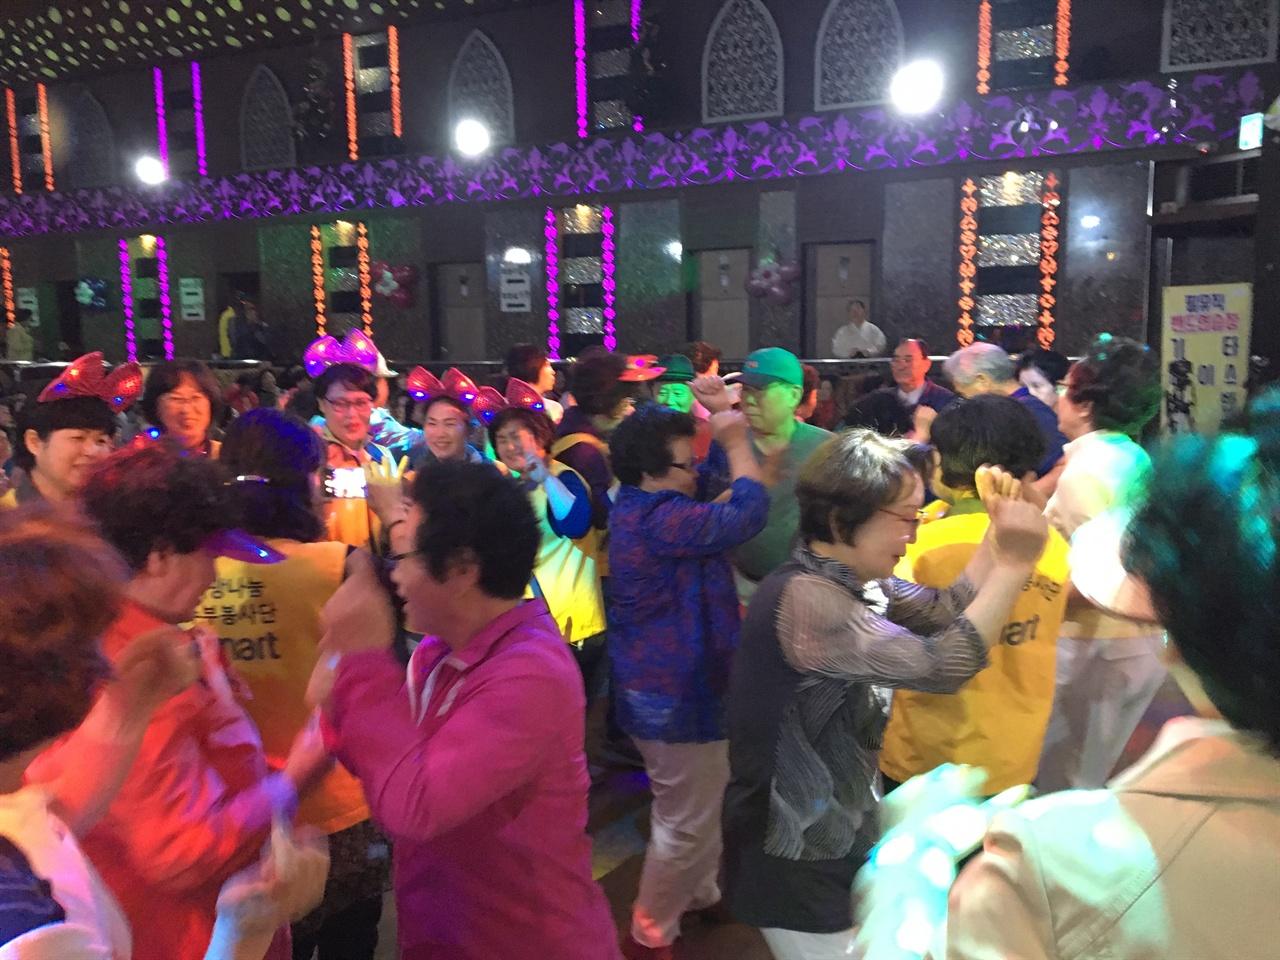 덩실덩실 나이트클럽에서 춤추시는 어르신들 어르신, 자원봉사자가 하나되는 순간